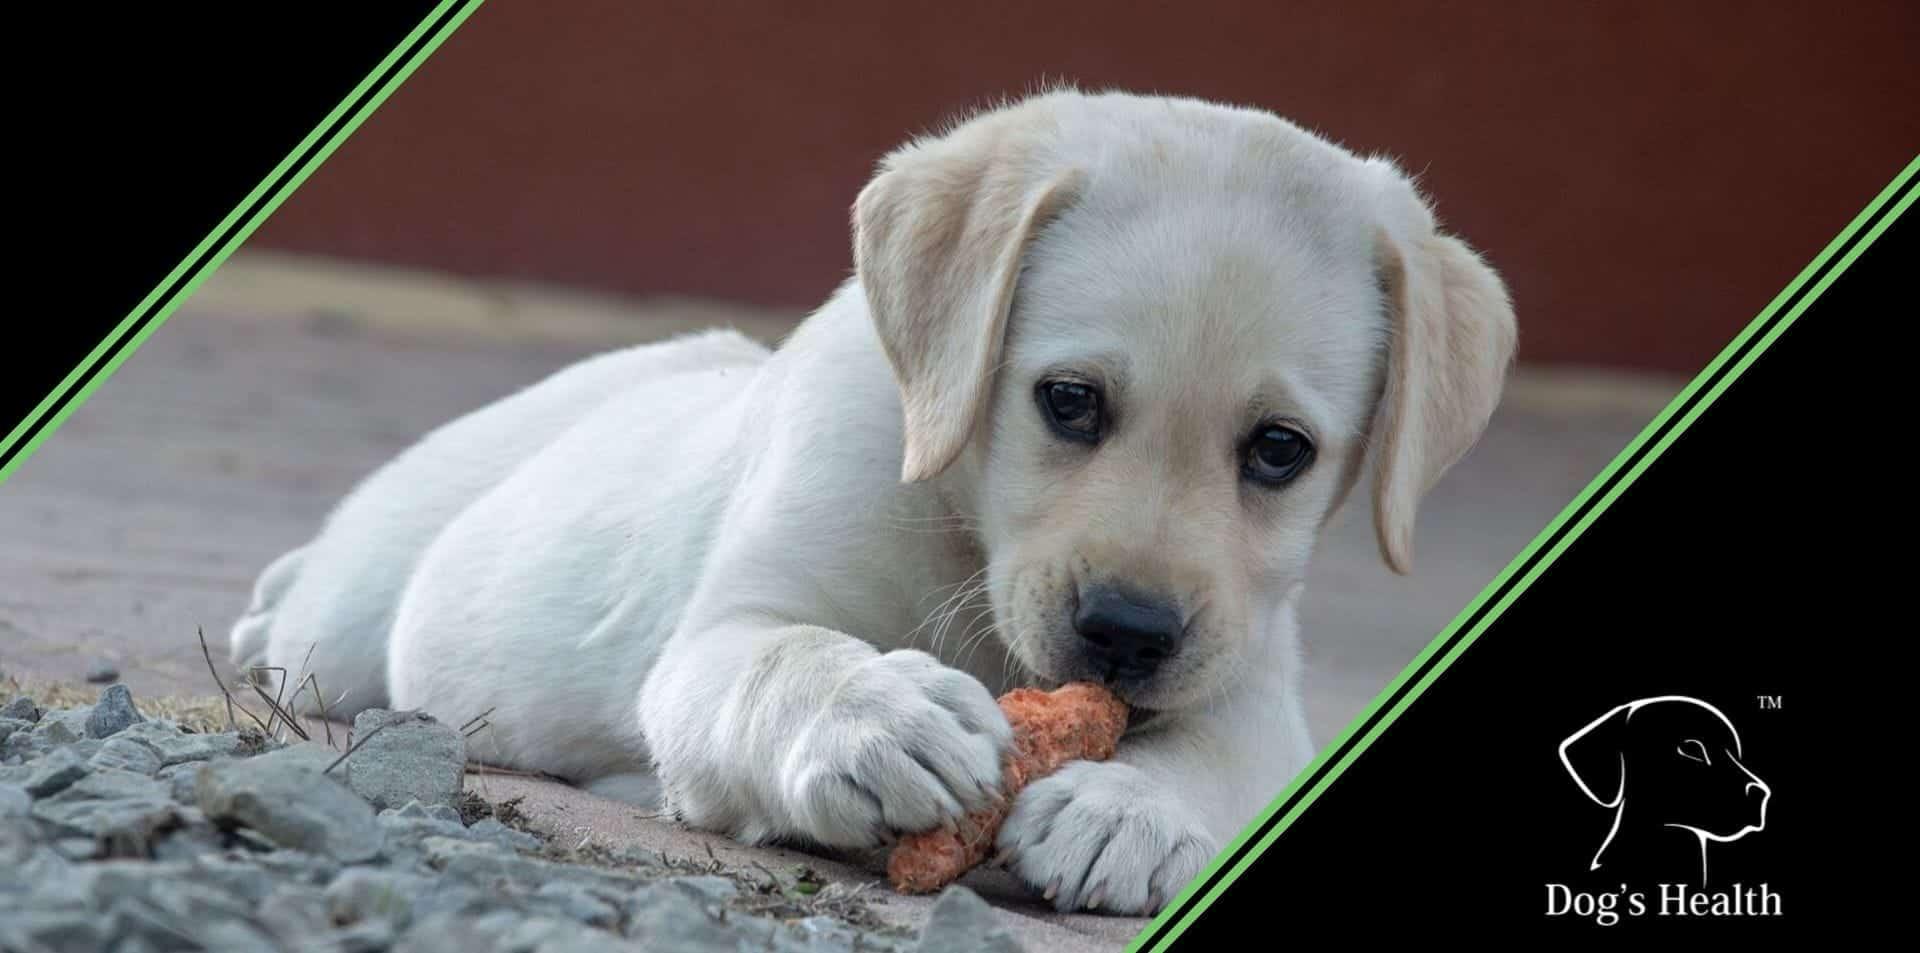 prurito intolleranze allergie alimentari del cane